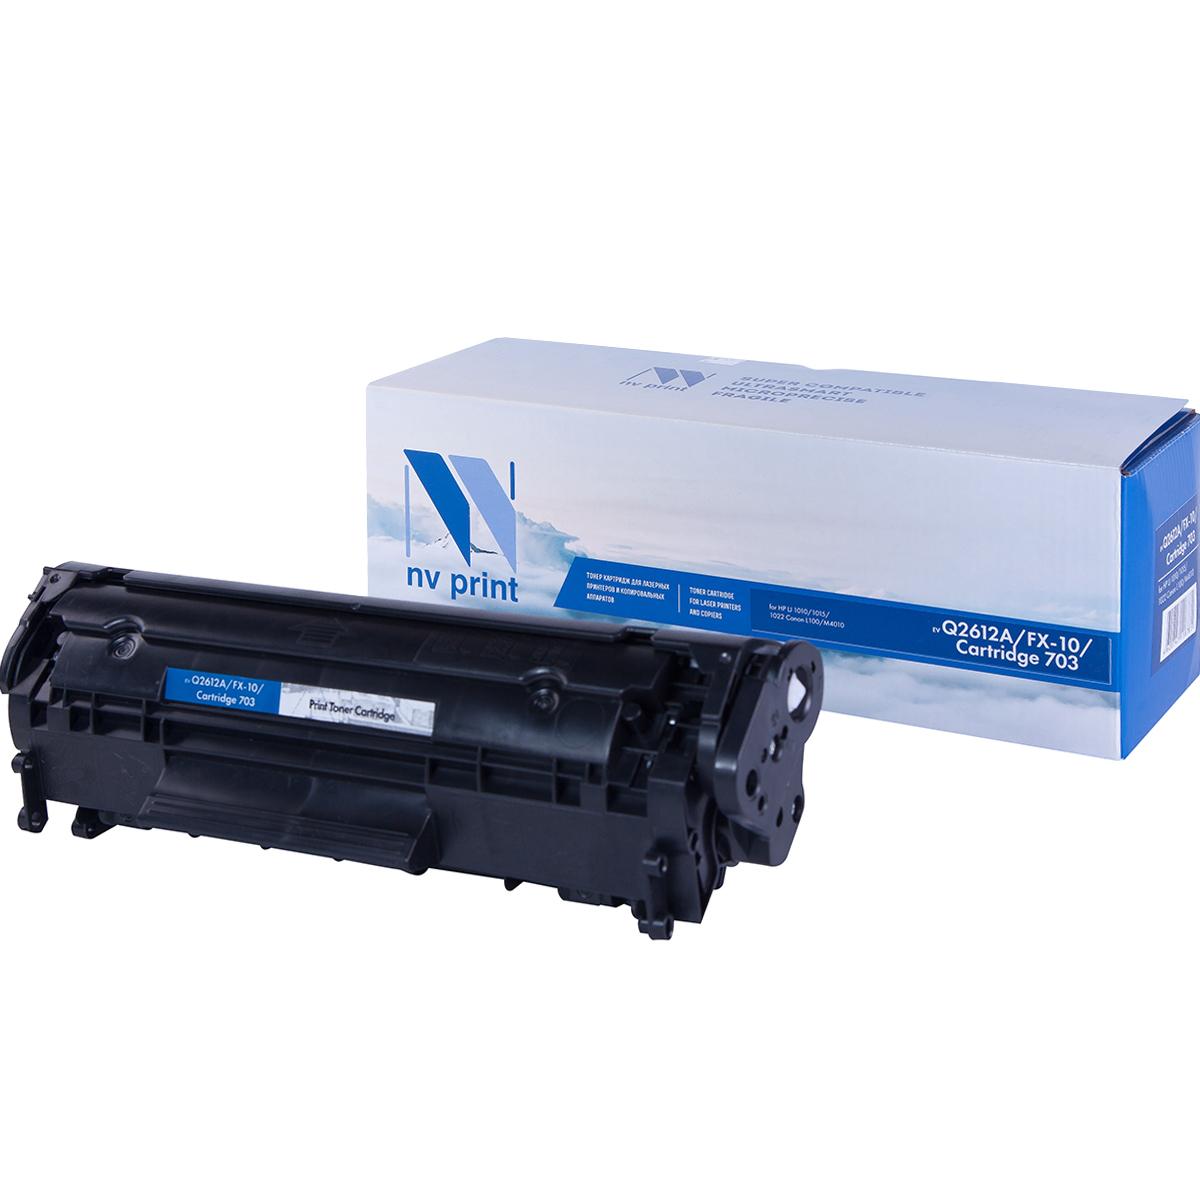 Картридж для лазерного принтера NV Print Q2612A/FX10/CAN703 черный